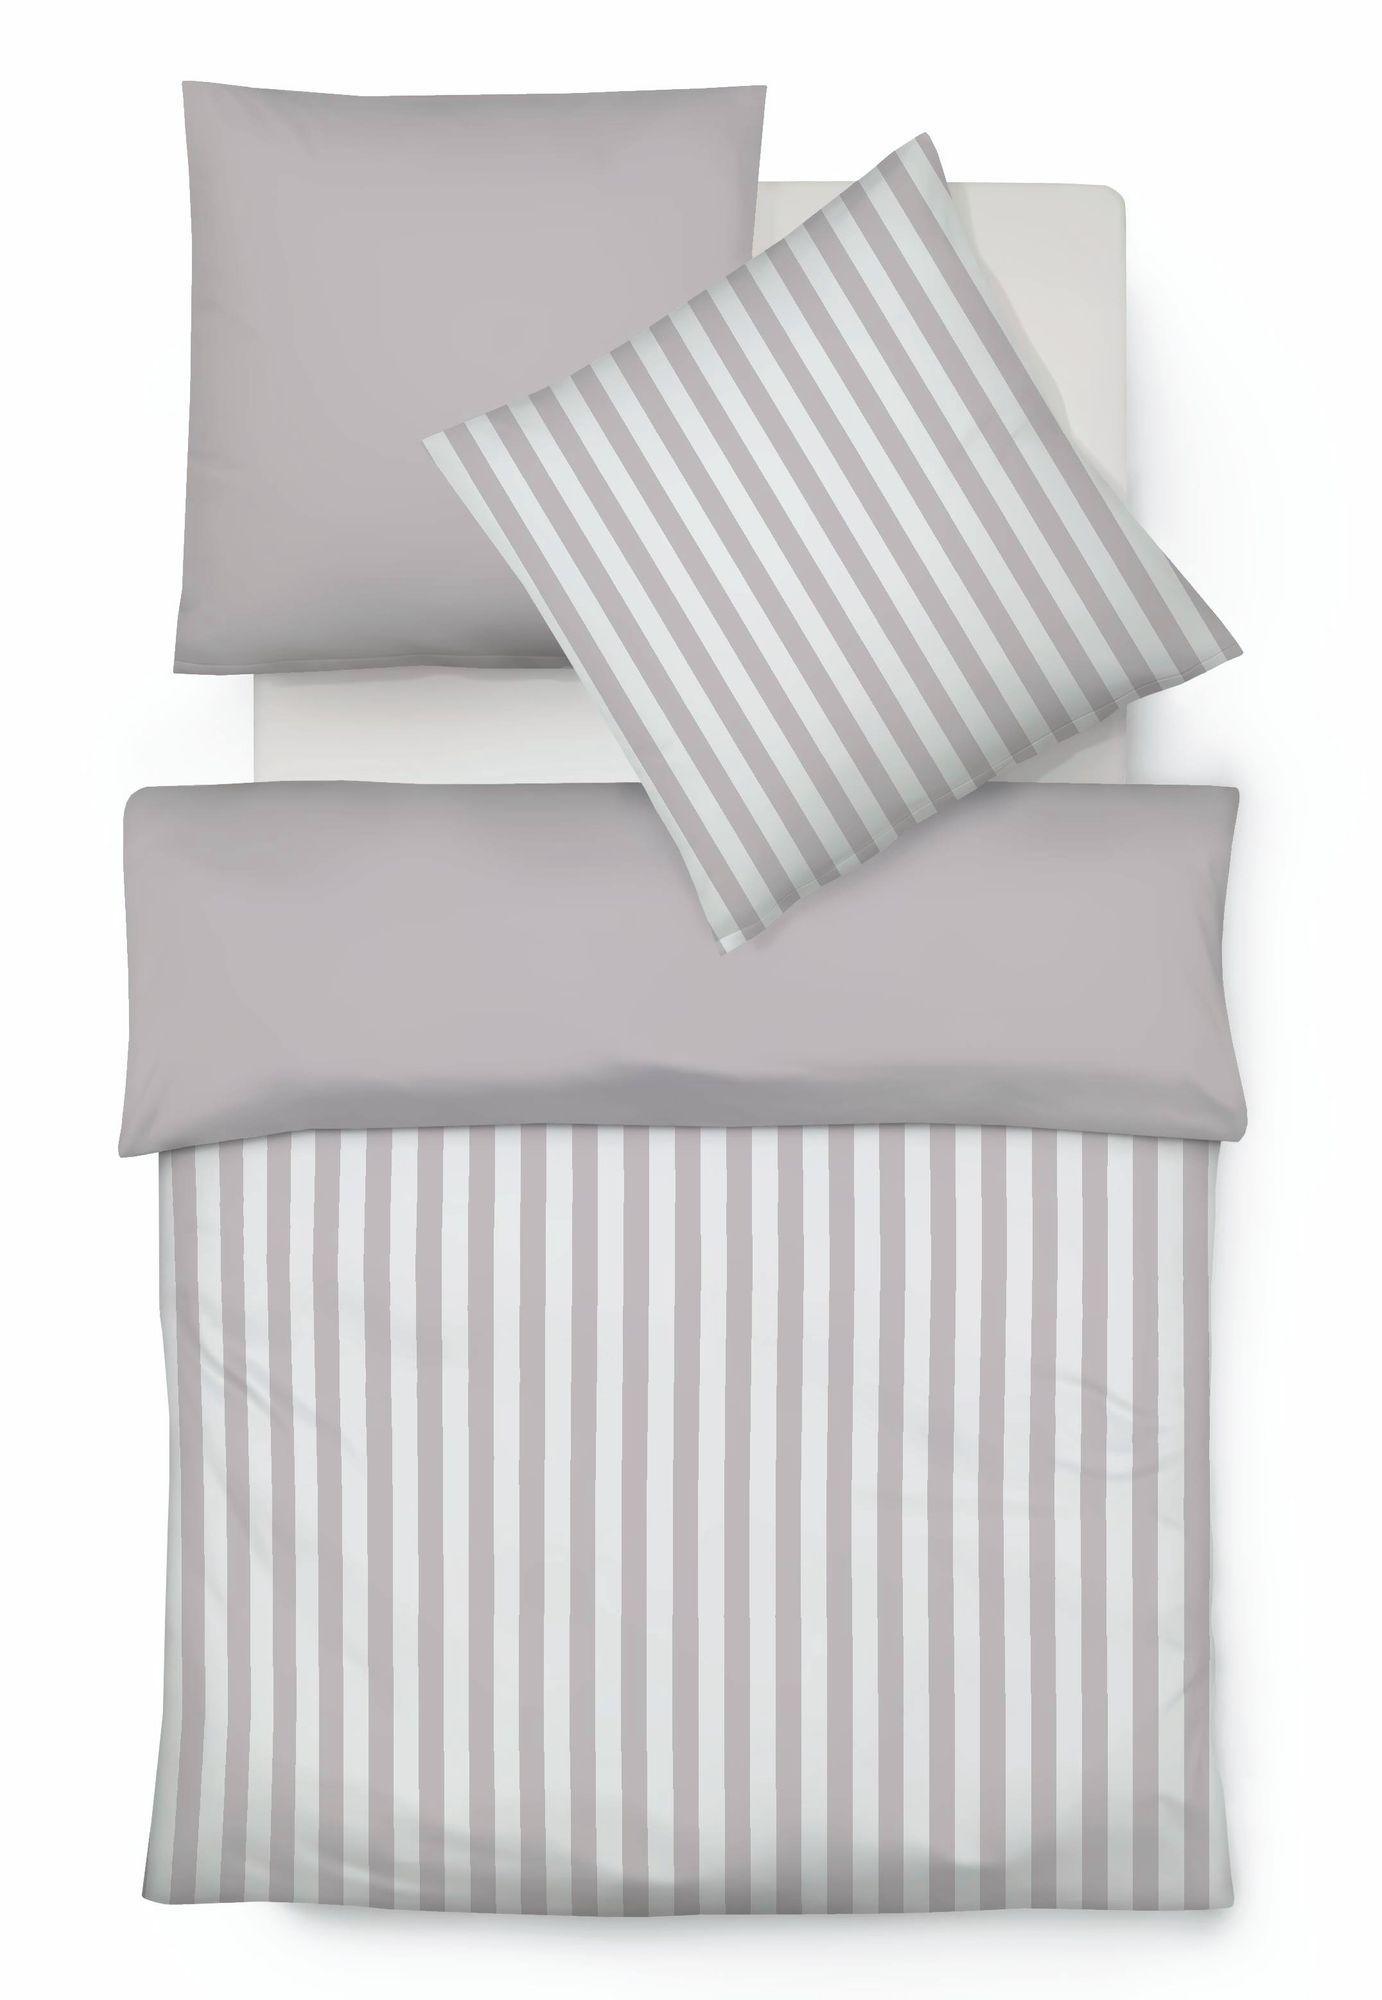 Fleuresse Baumwolle Wende Bettwäsche Porto Streifen Größe 155x220